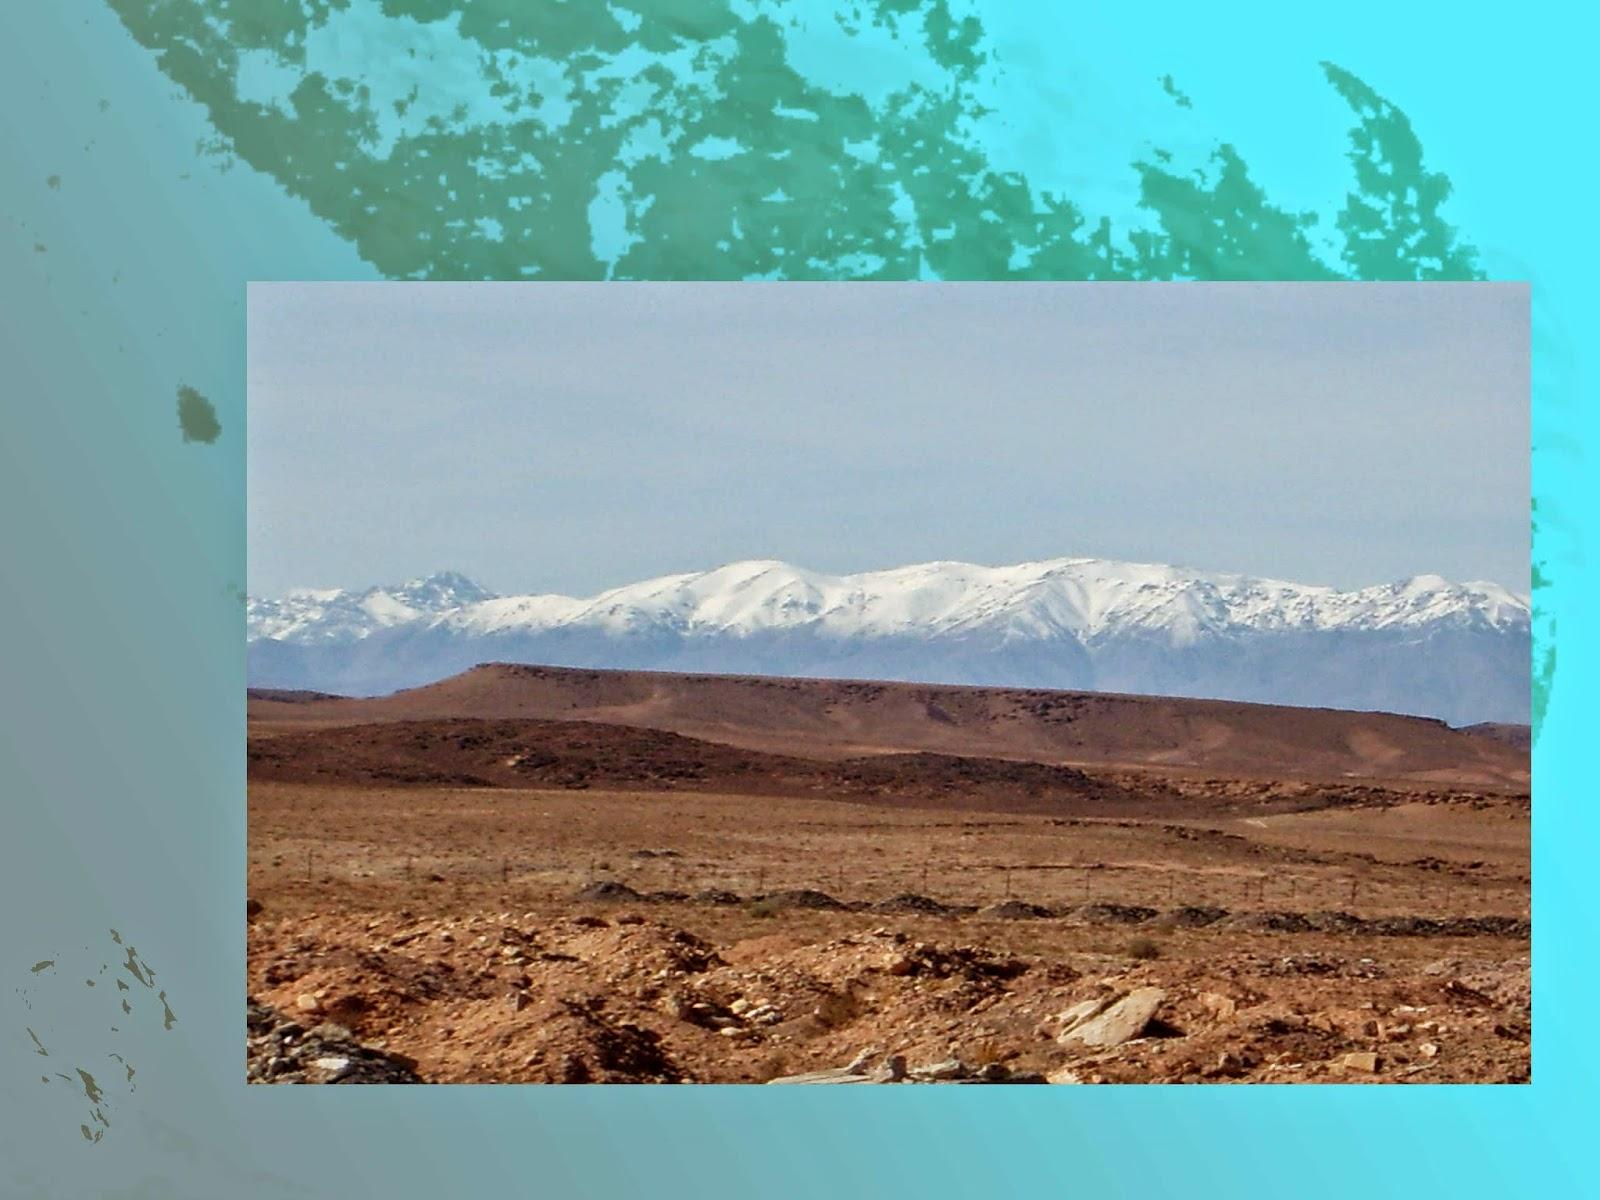 atlas montagne neige ciel maroc